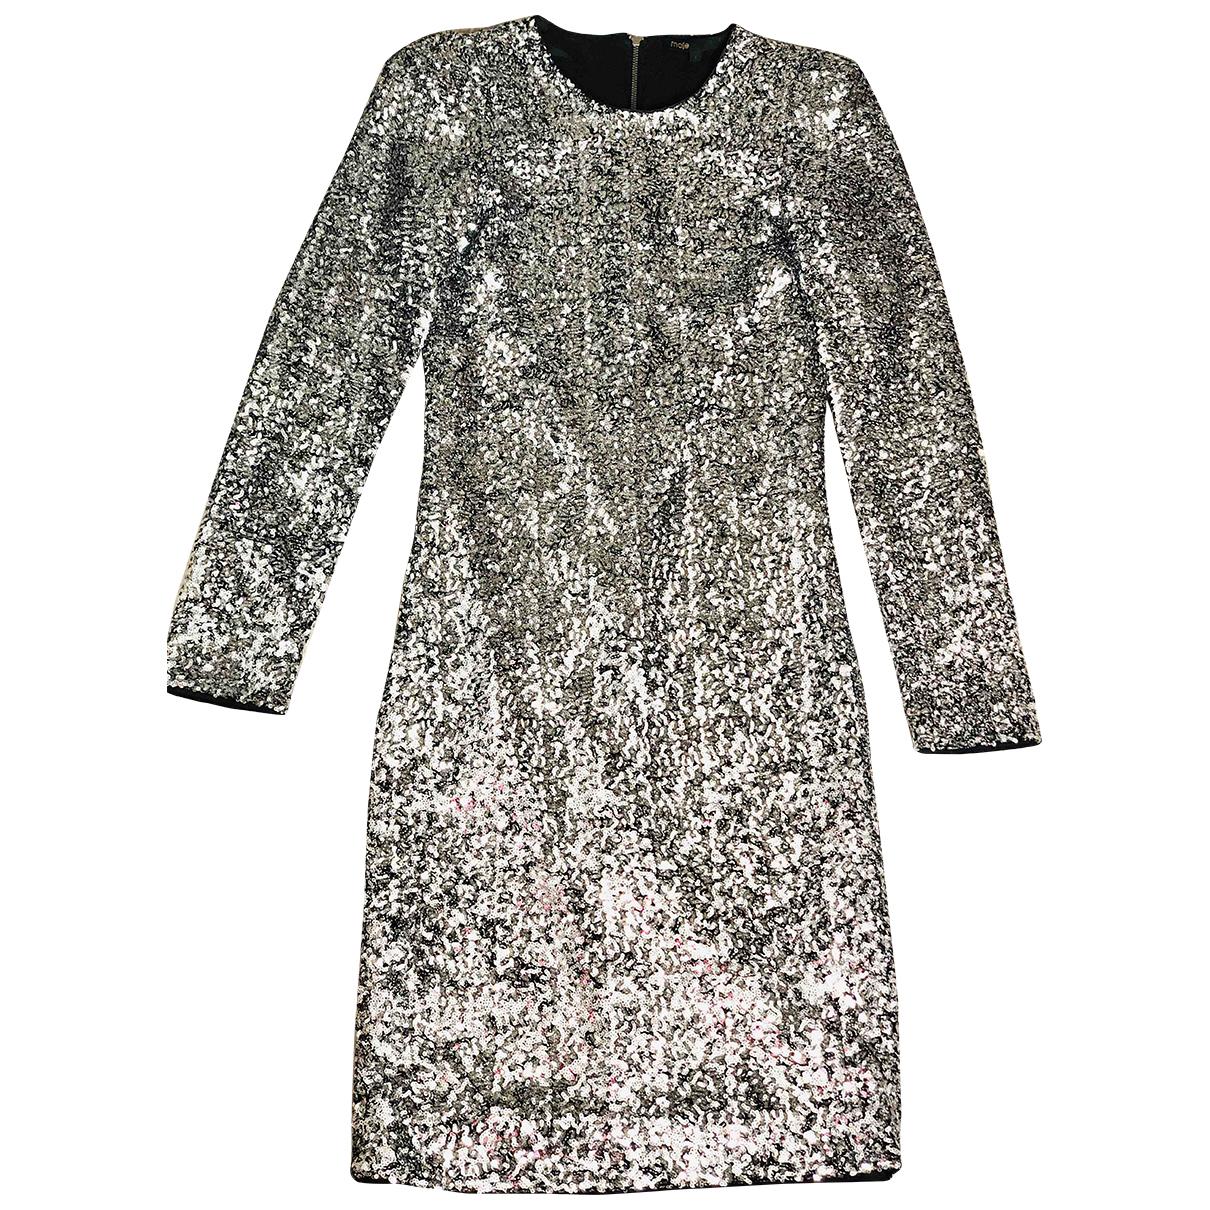 Maje N Silver dress for Women 36 FR